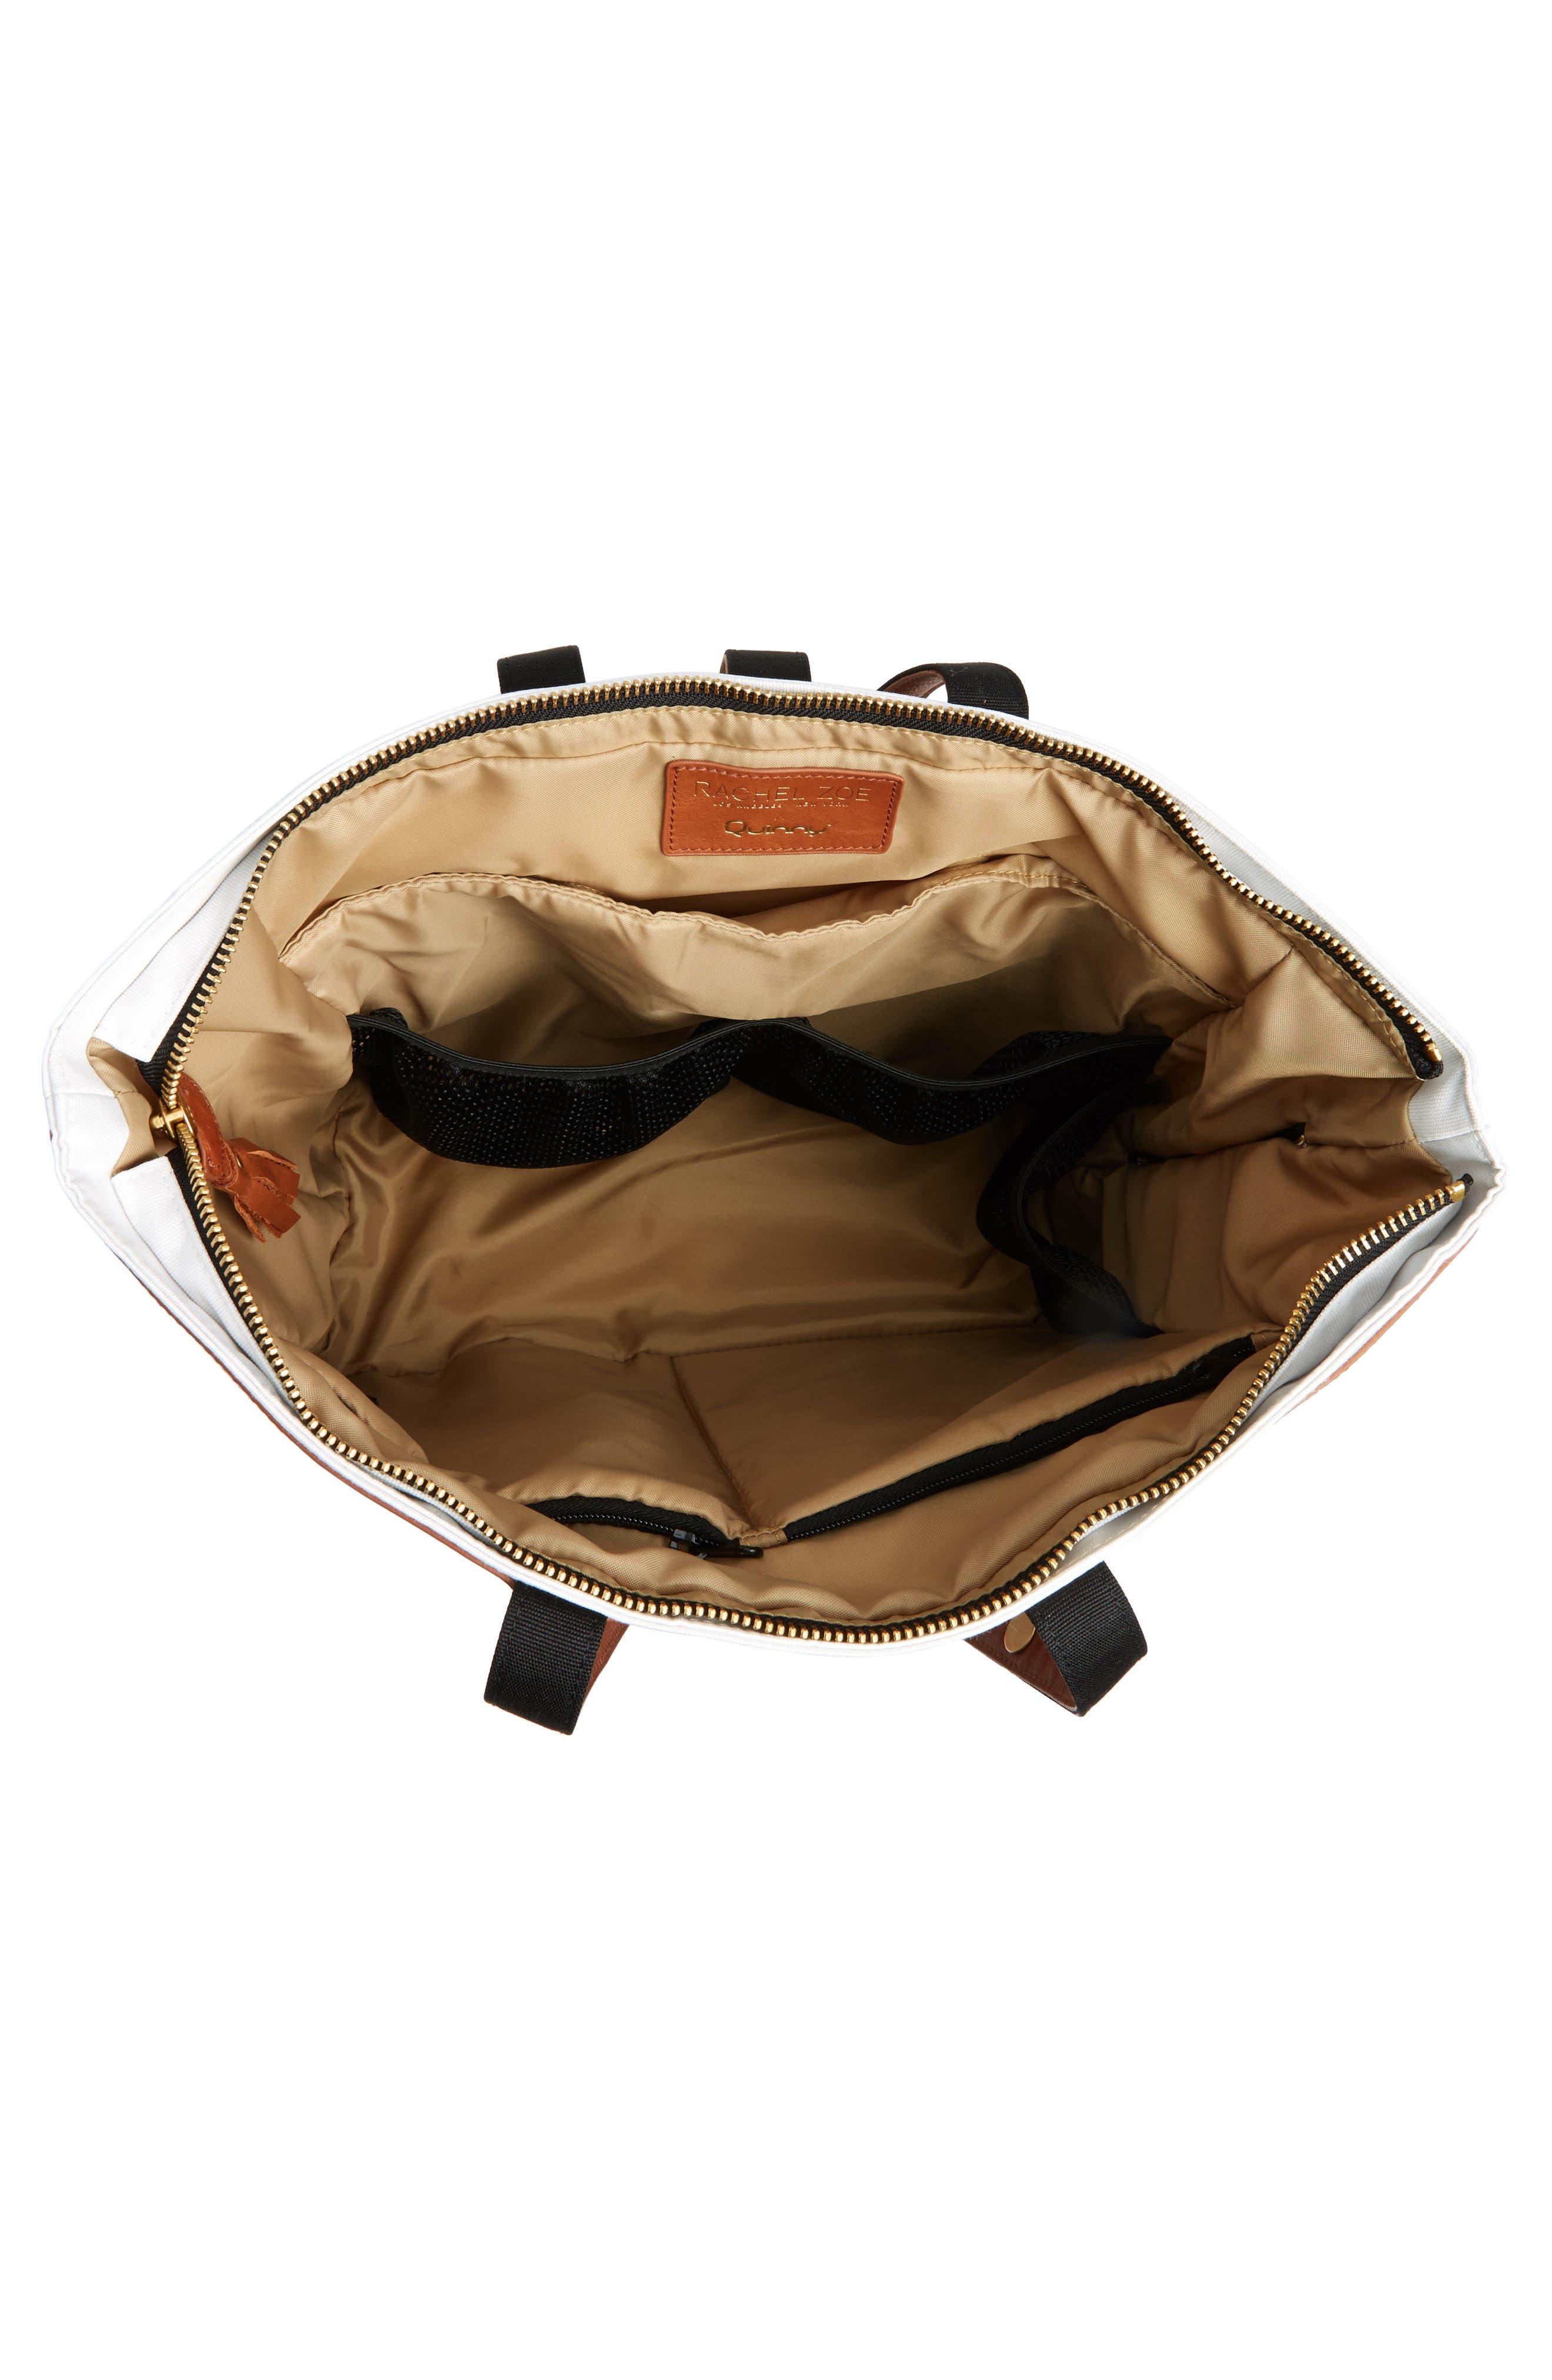 x Rachel Zoe 'Jet Set' Canvas Diaper Bag,                             Alternate thumbnail 4, color,                             100